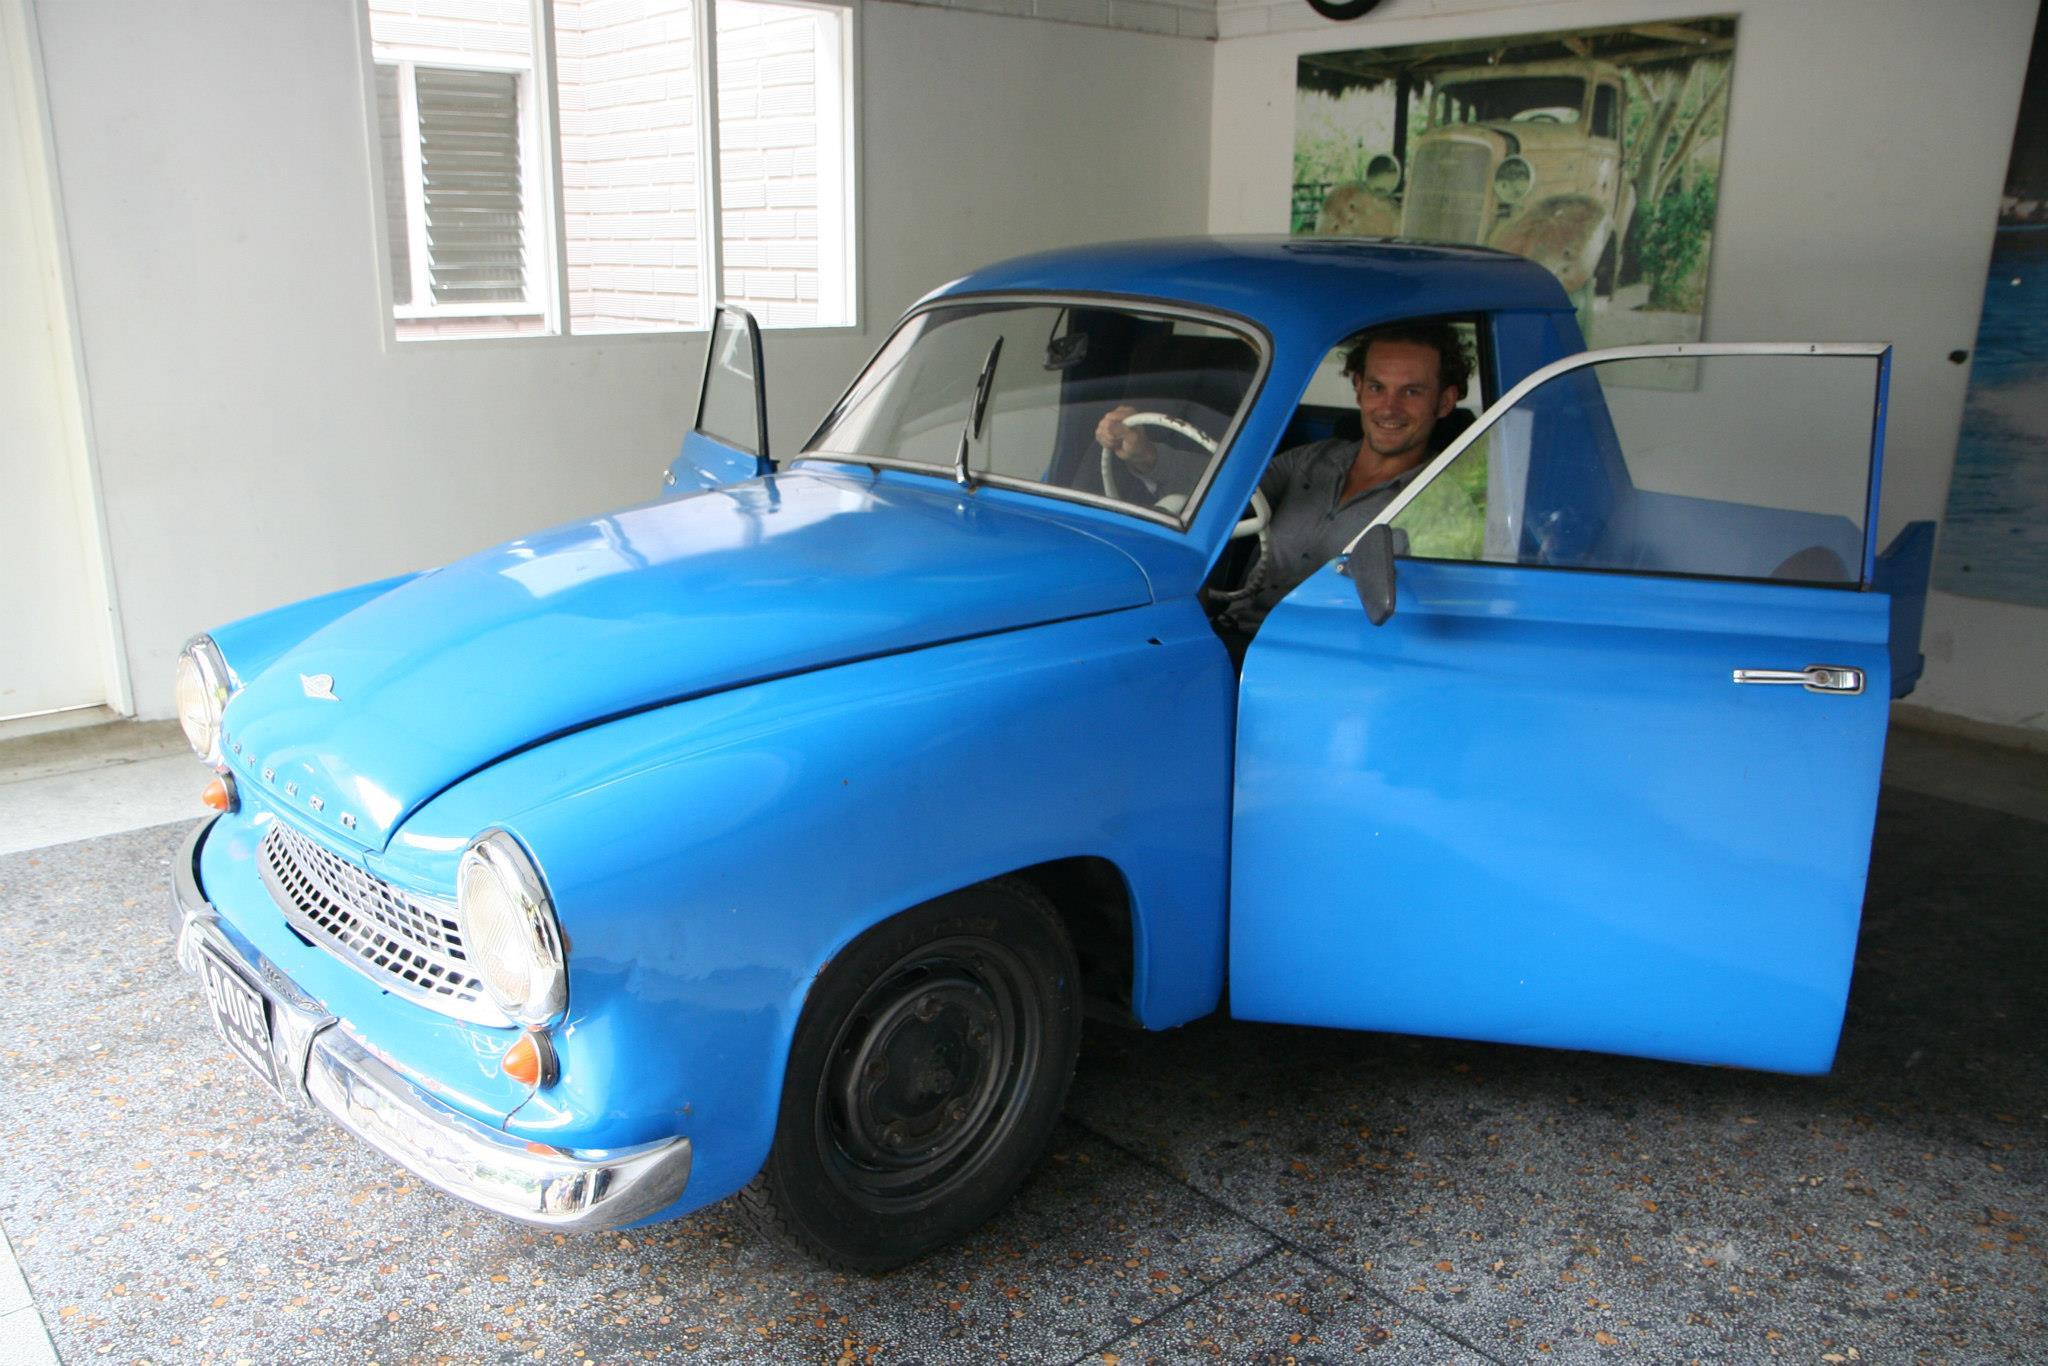 De eerste auto van Pablo Ecobar en zijn broer Roberto in Medellín